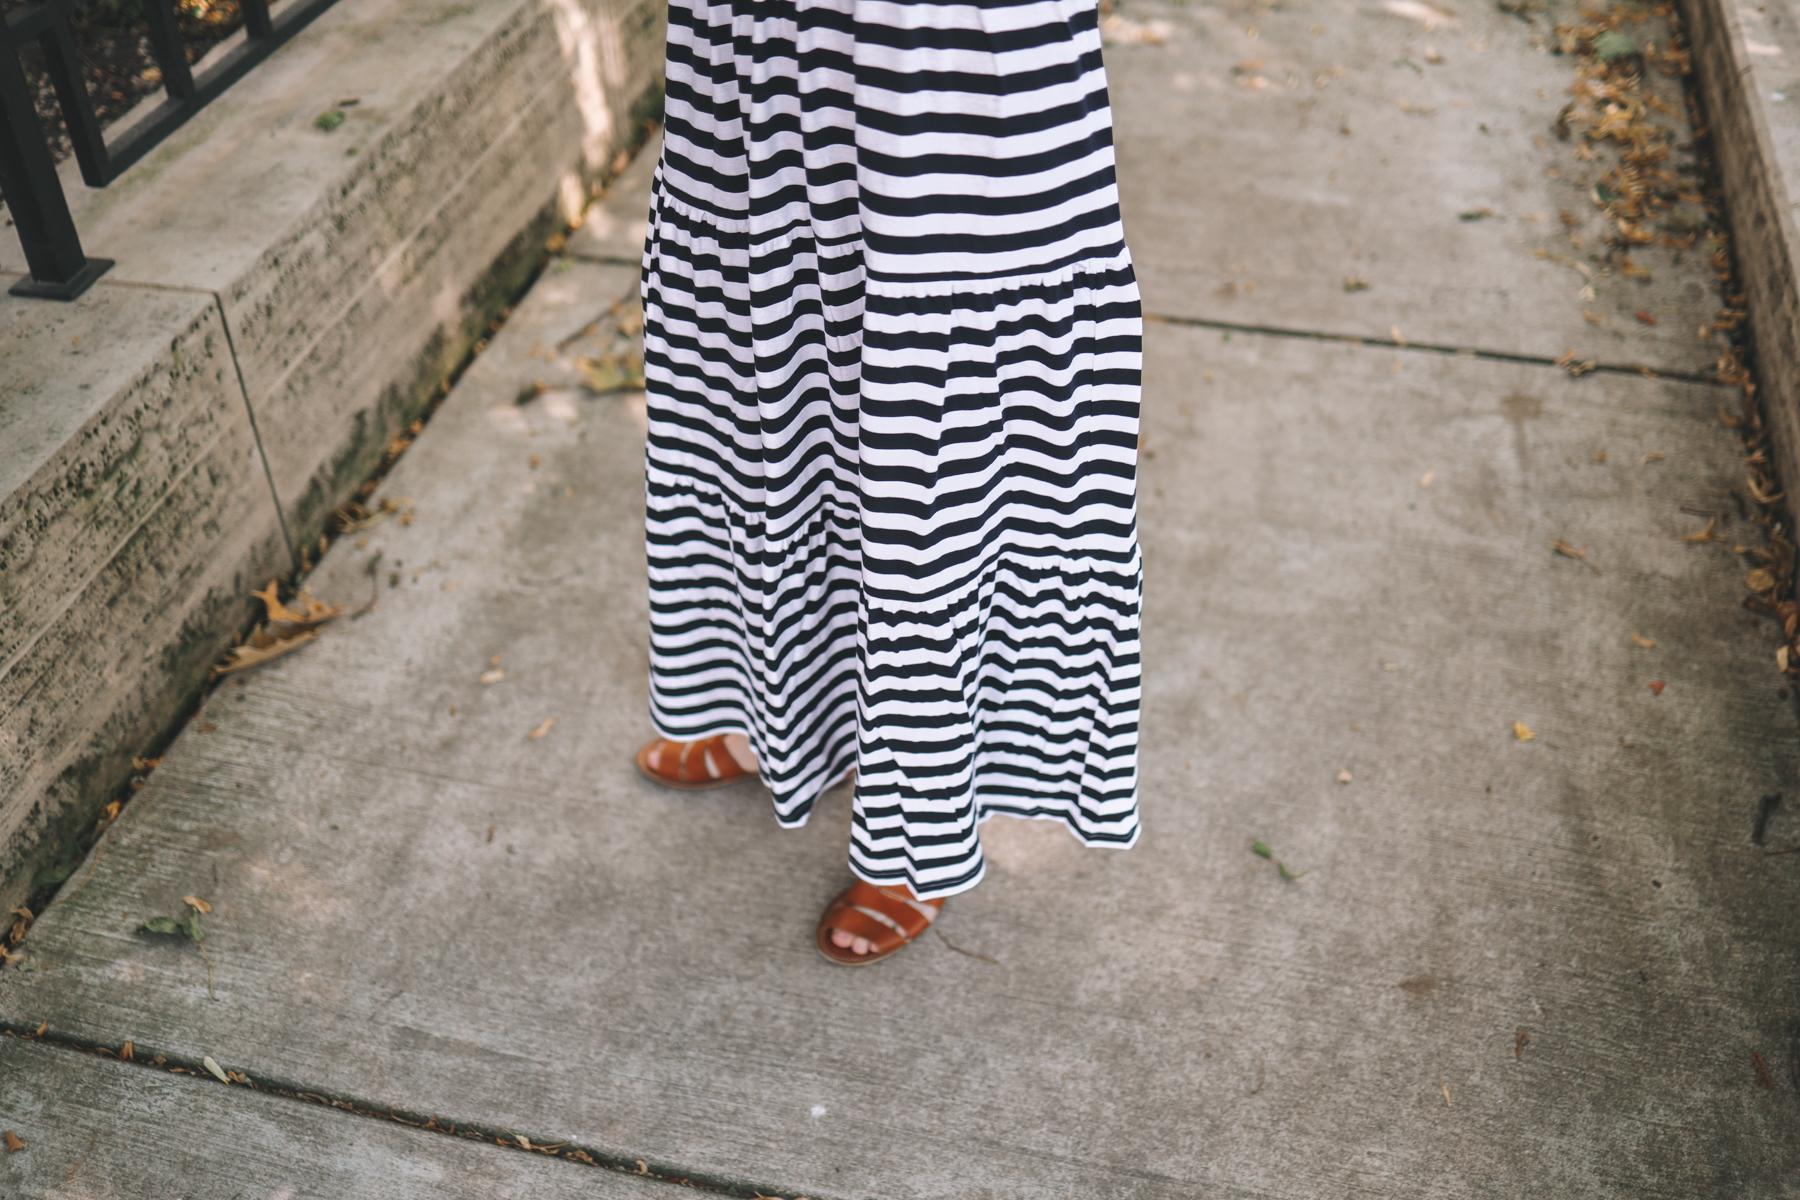 J.Crew Factory summer dress